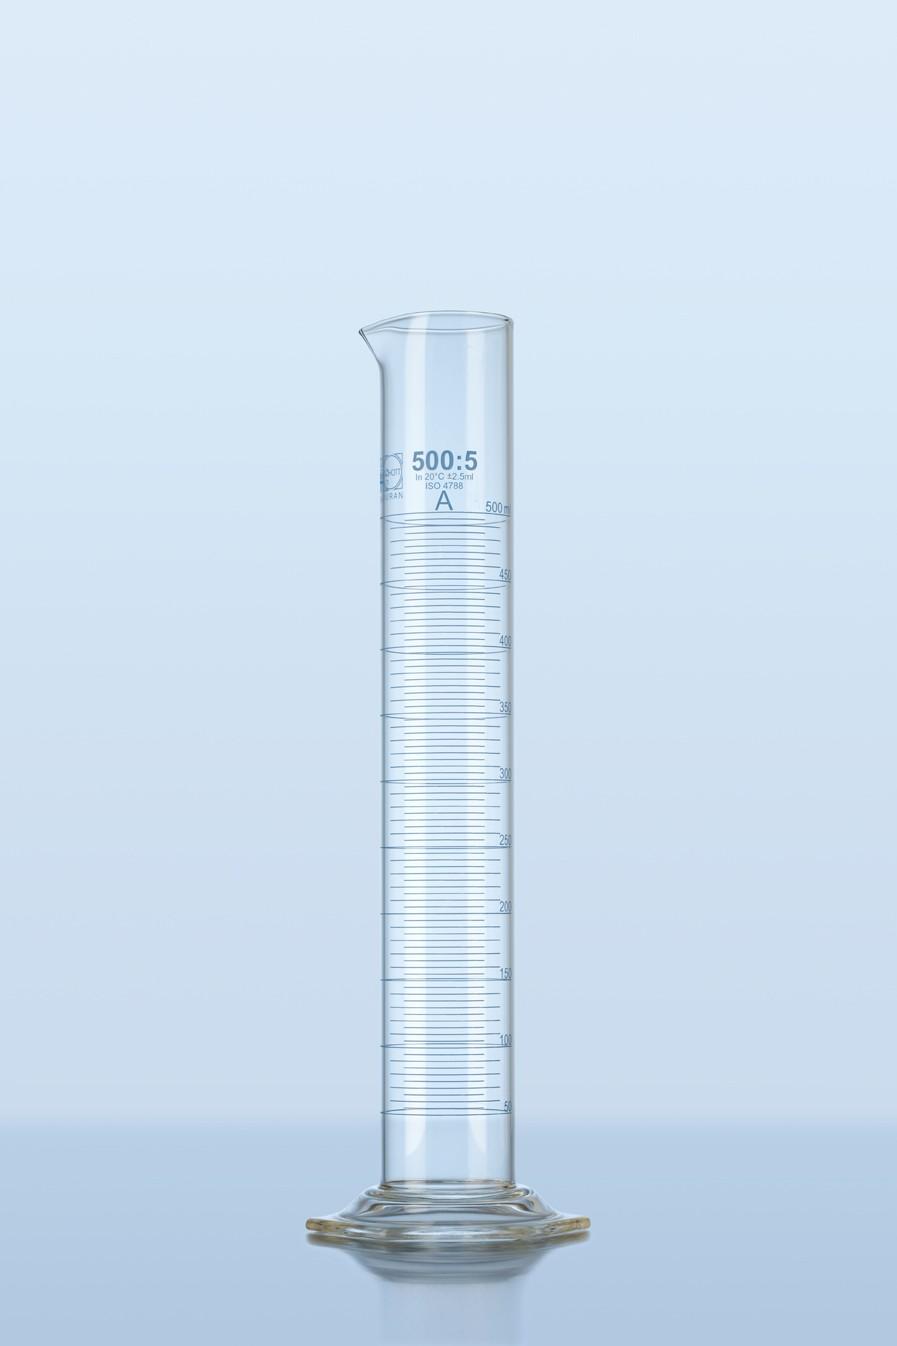 Ống đong thủy tinh 5ml, lớp A Duran